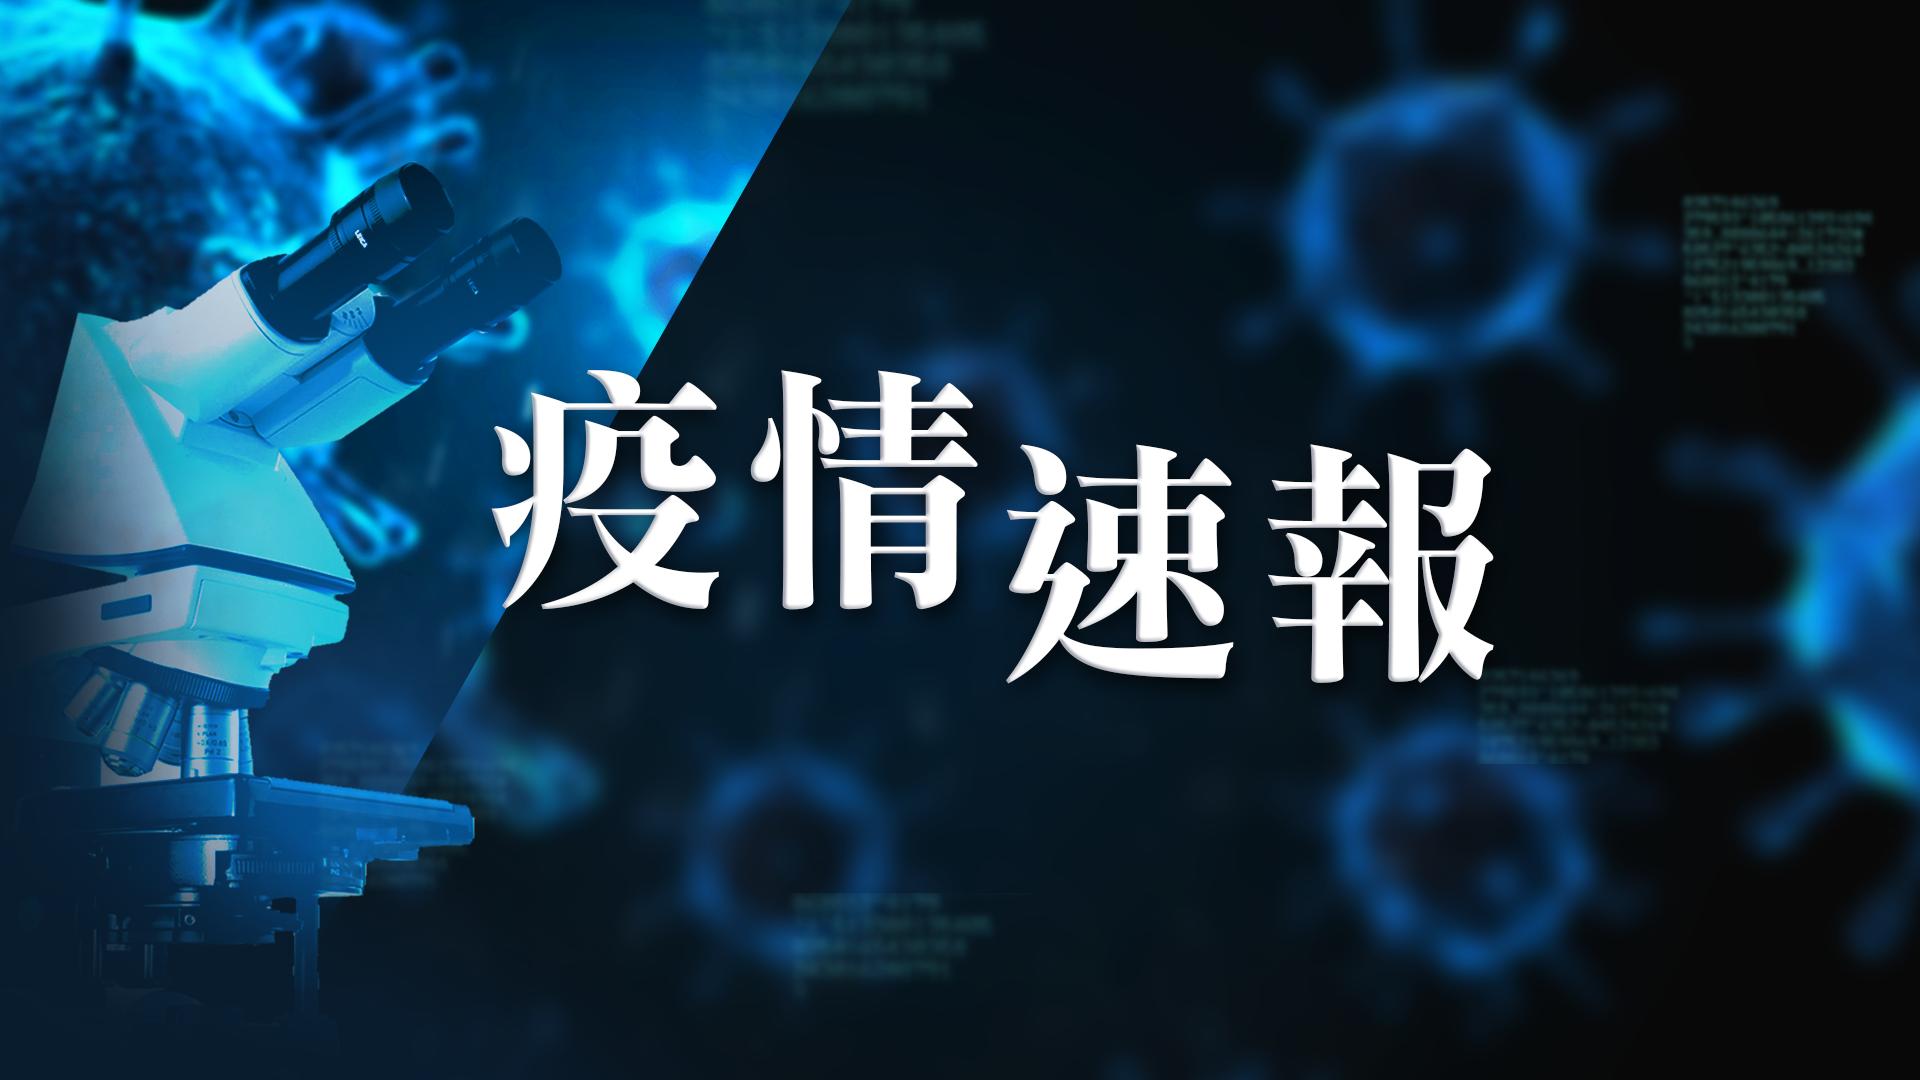 【1月29日疫情速報】(12:00)